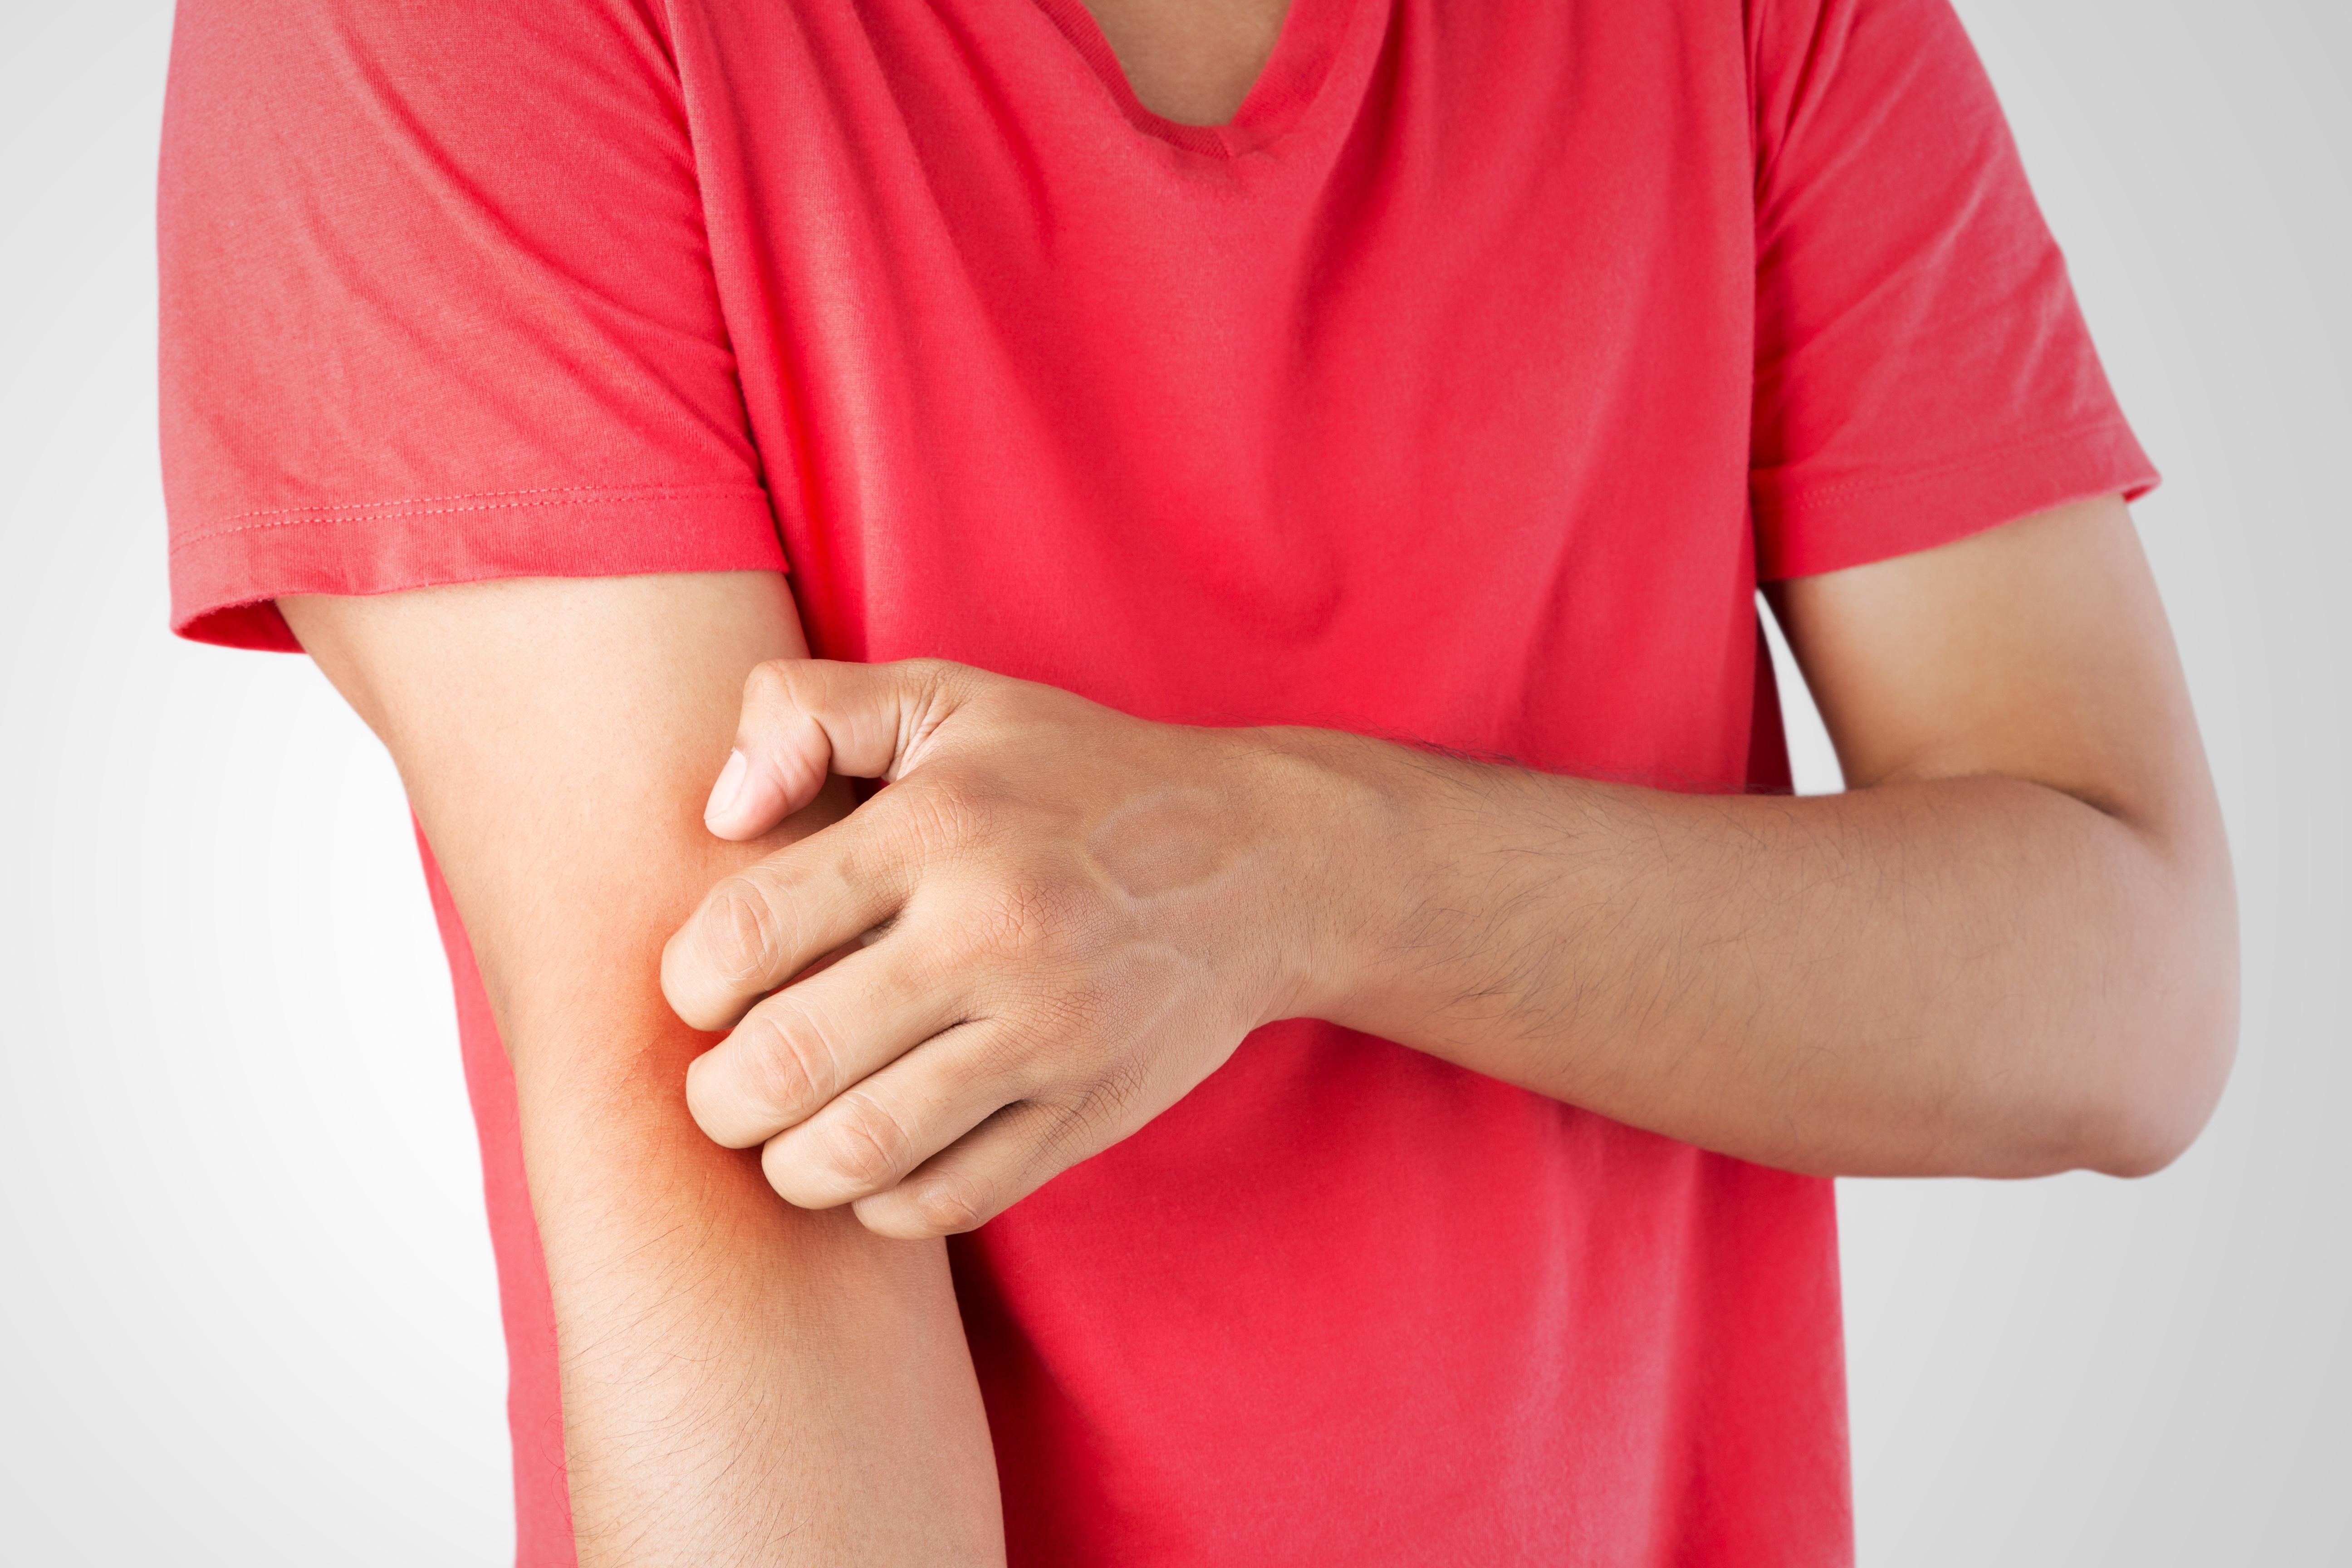 臟腑辨證治療激素依賴性皮炎經驗